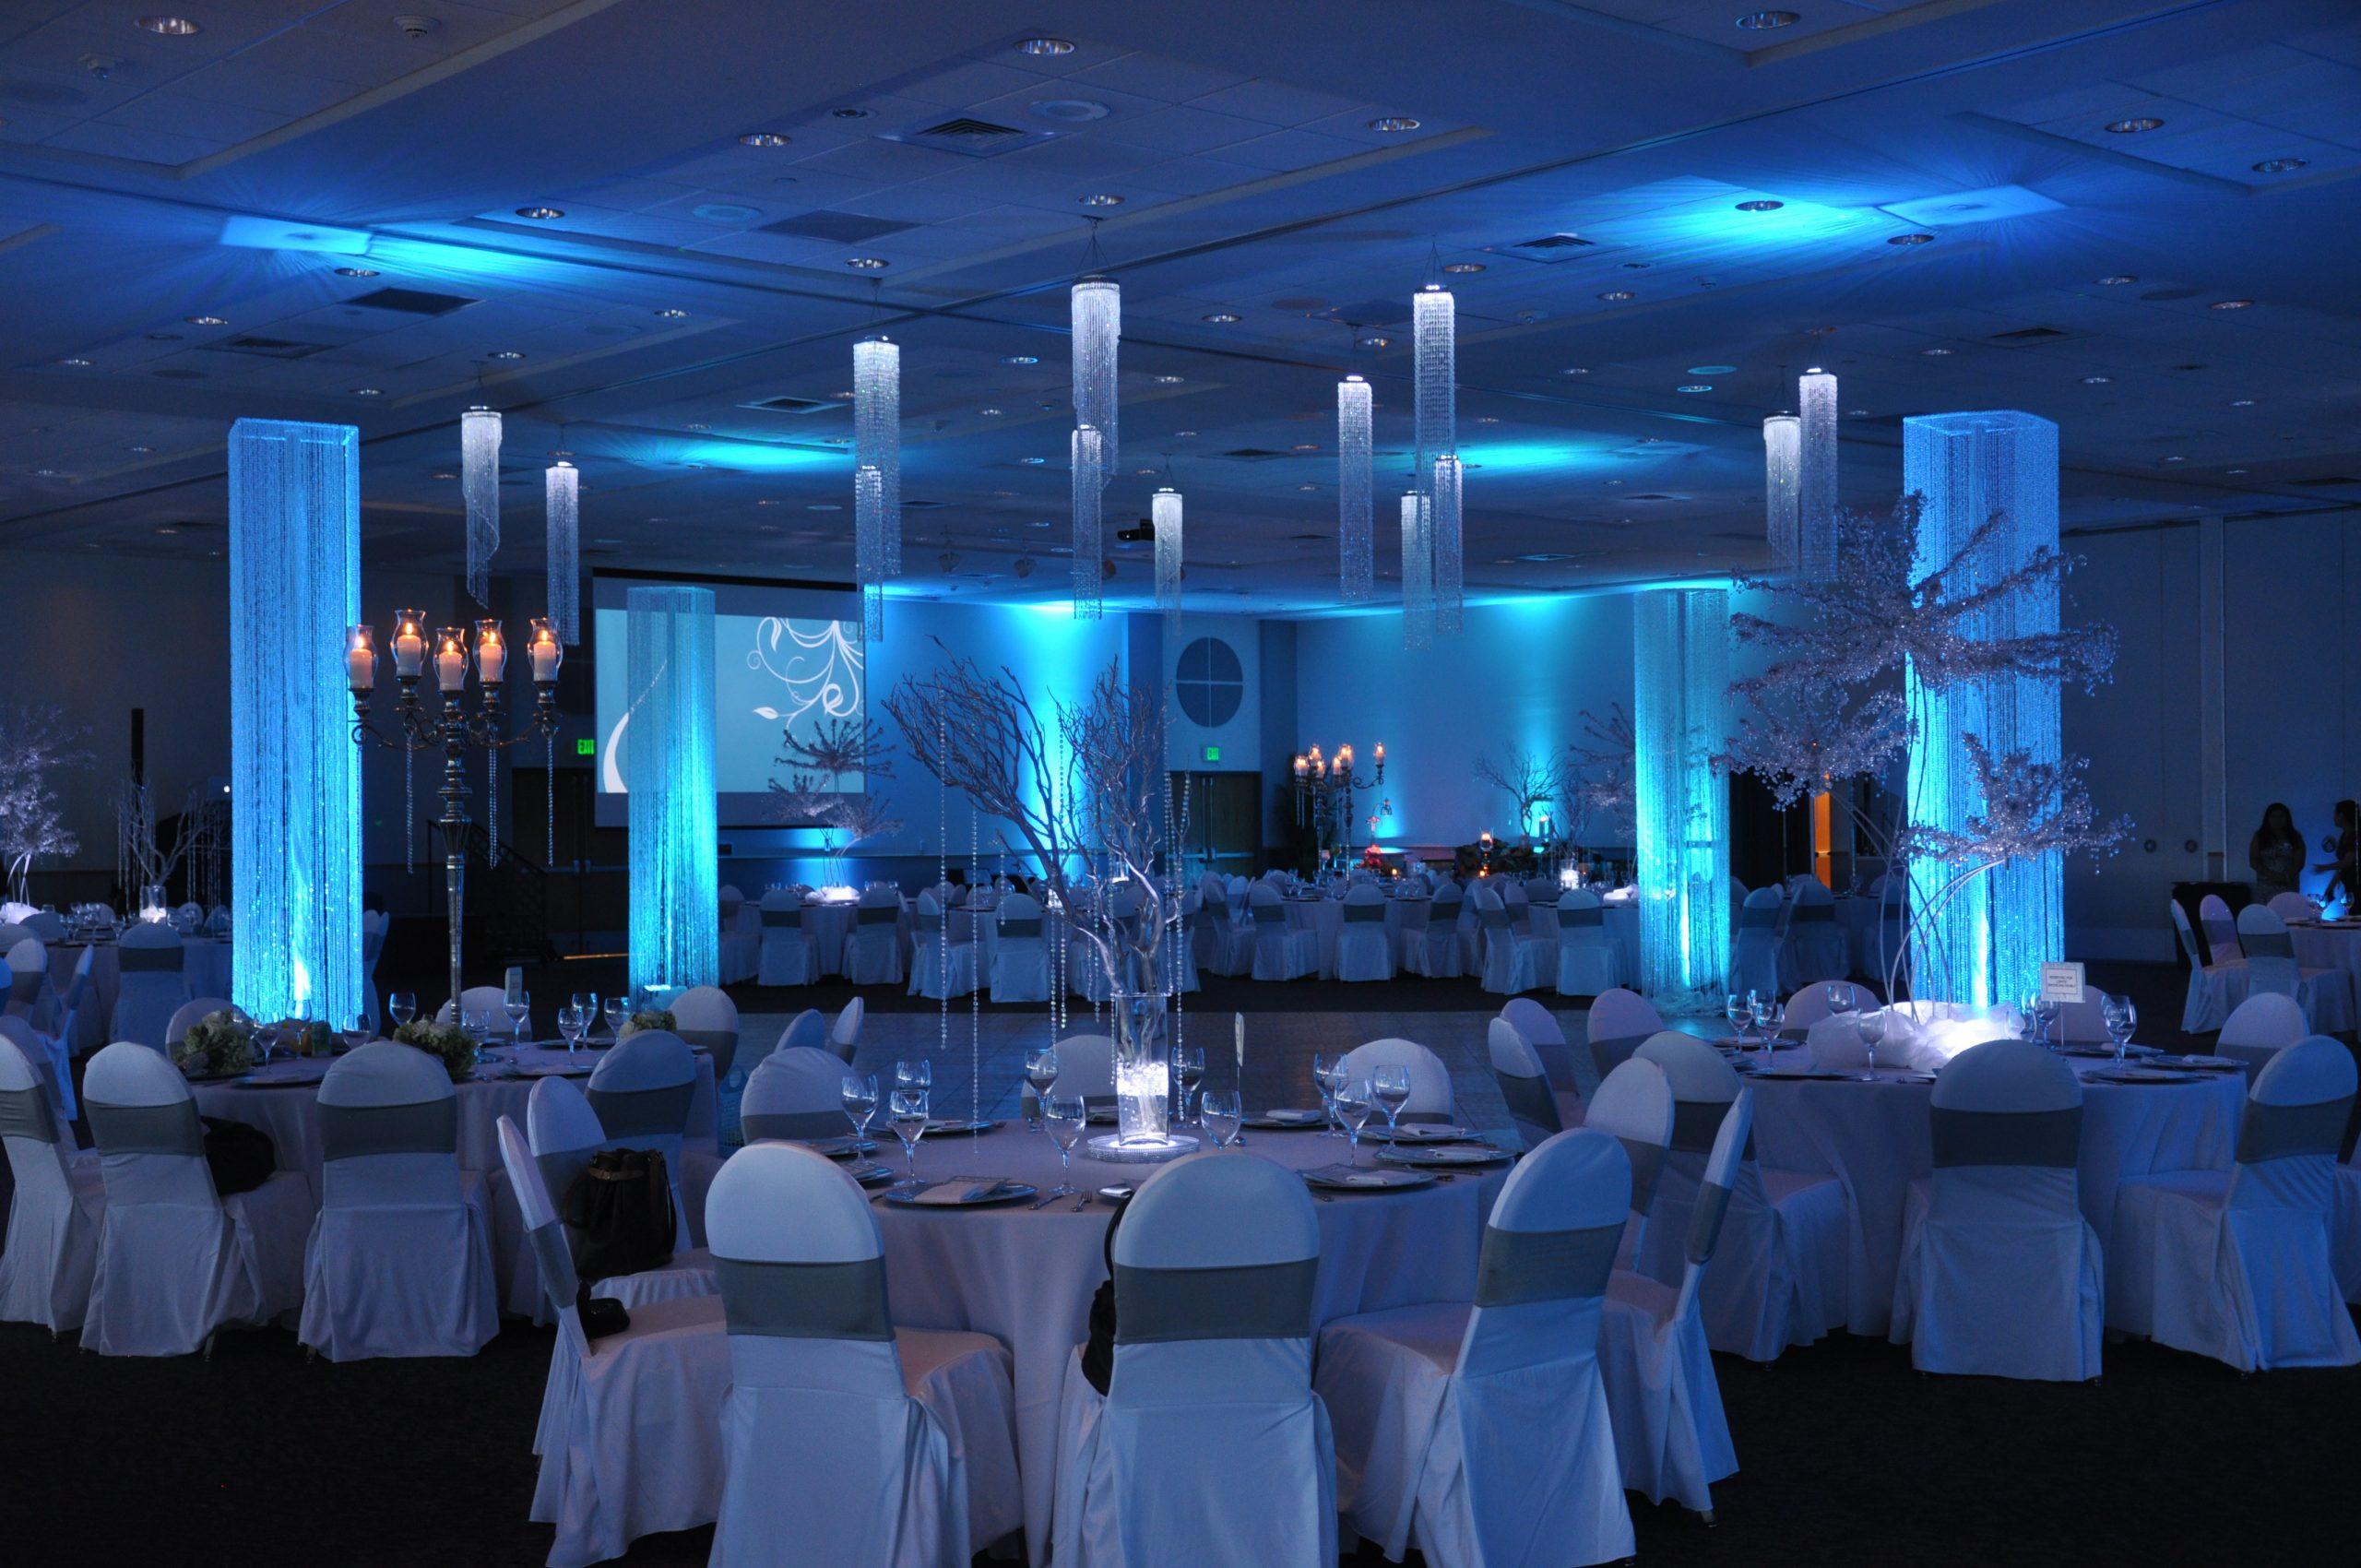 Nice Wedding Venue In San Antonio-Skyroom